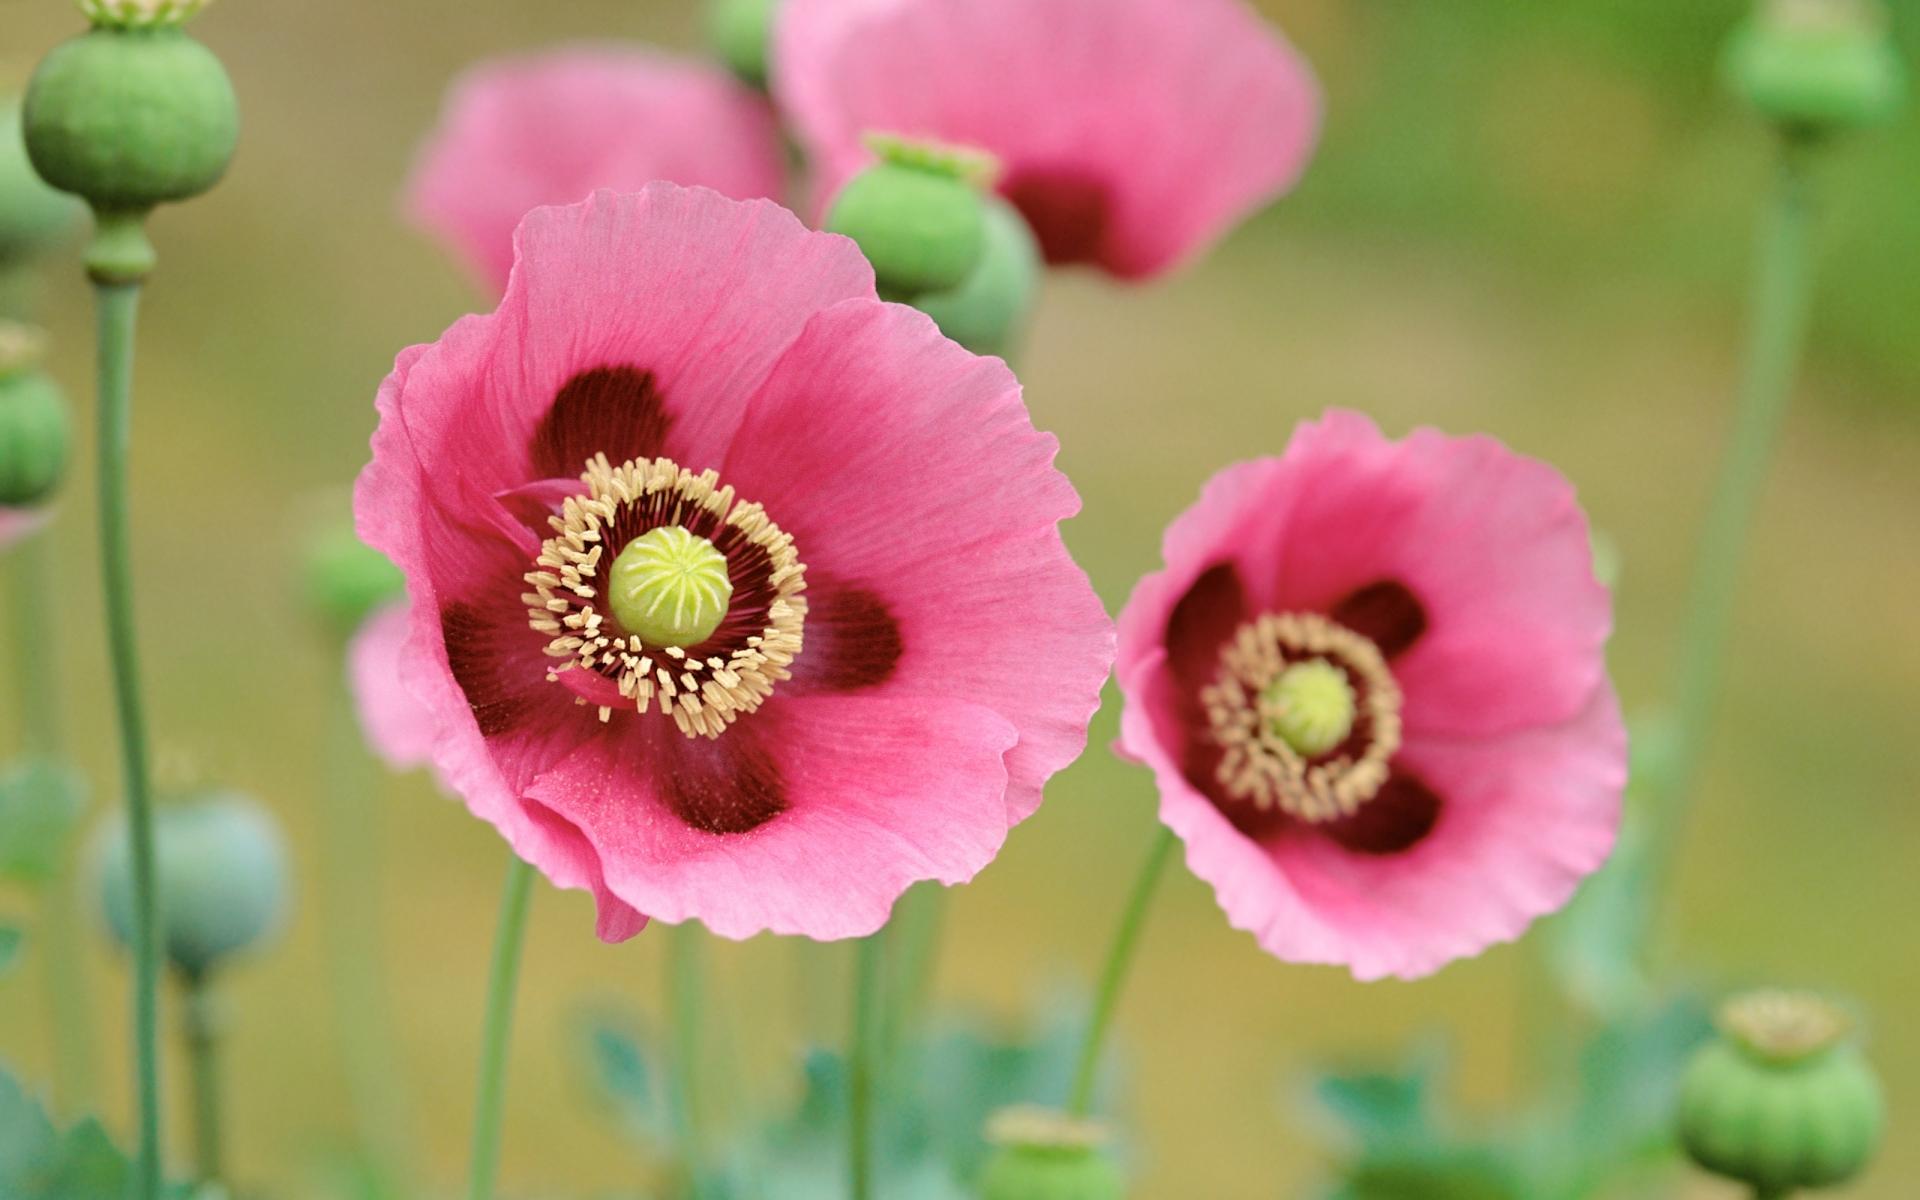 Flores en macro - 1920x1200